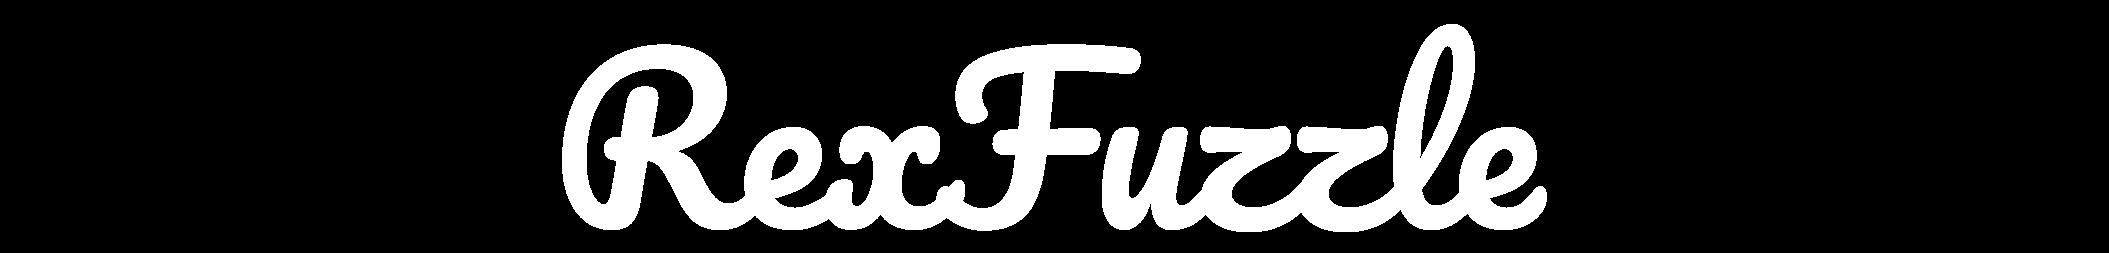 RexFuzzle